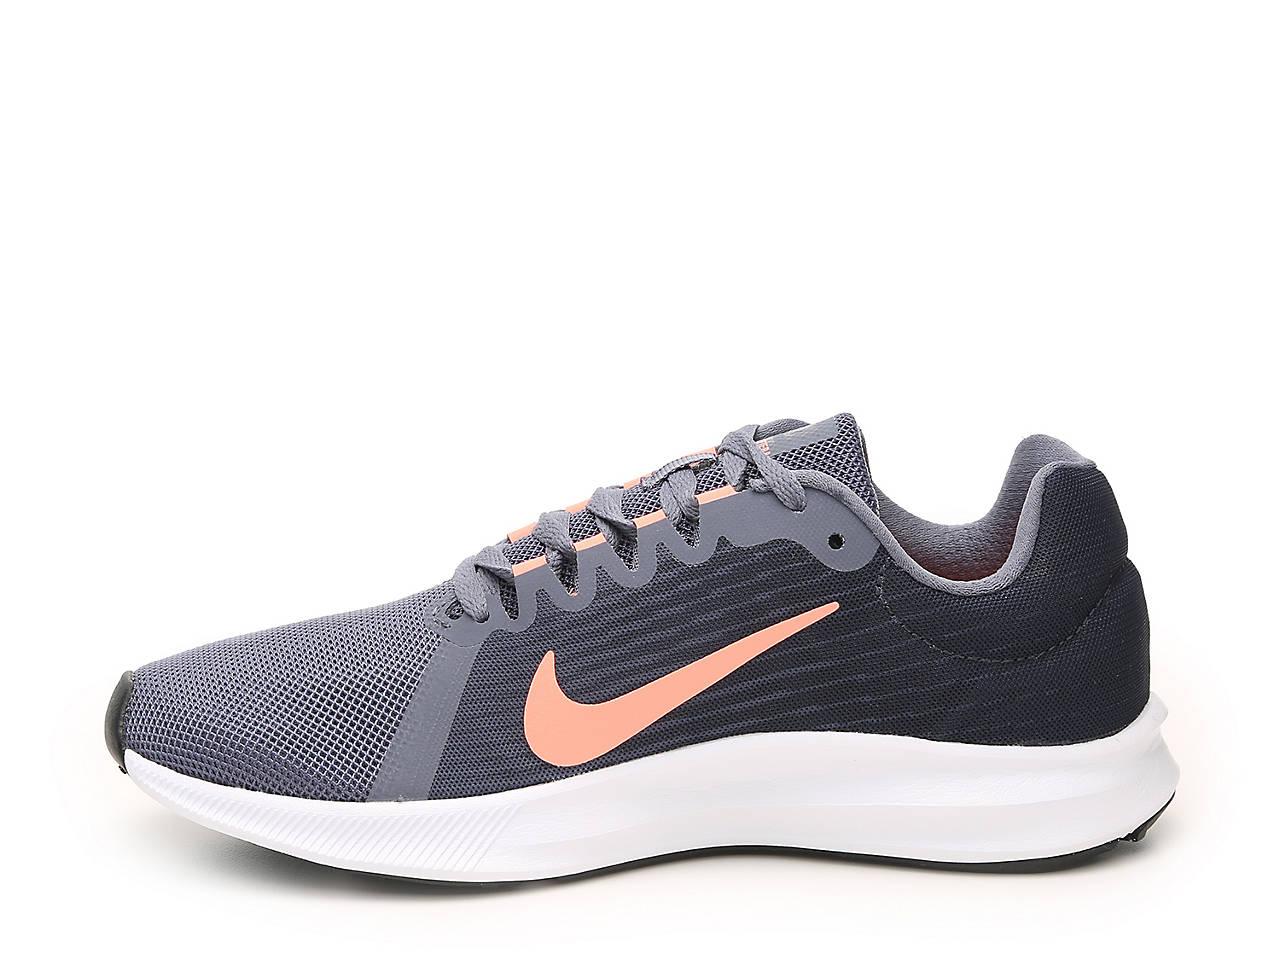 675a2e2f2c468 Downshifter 8 Lightweight Running Shoe - Women's